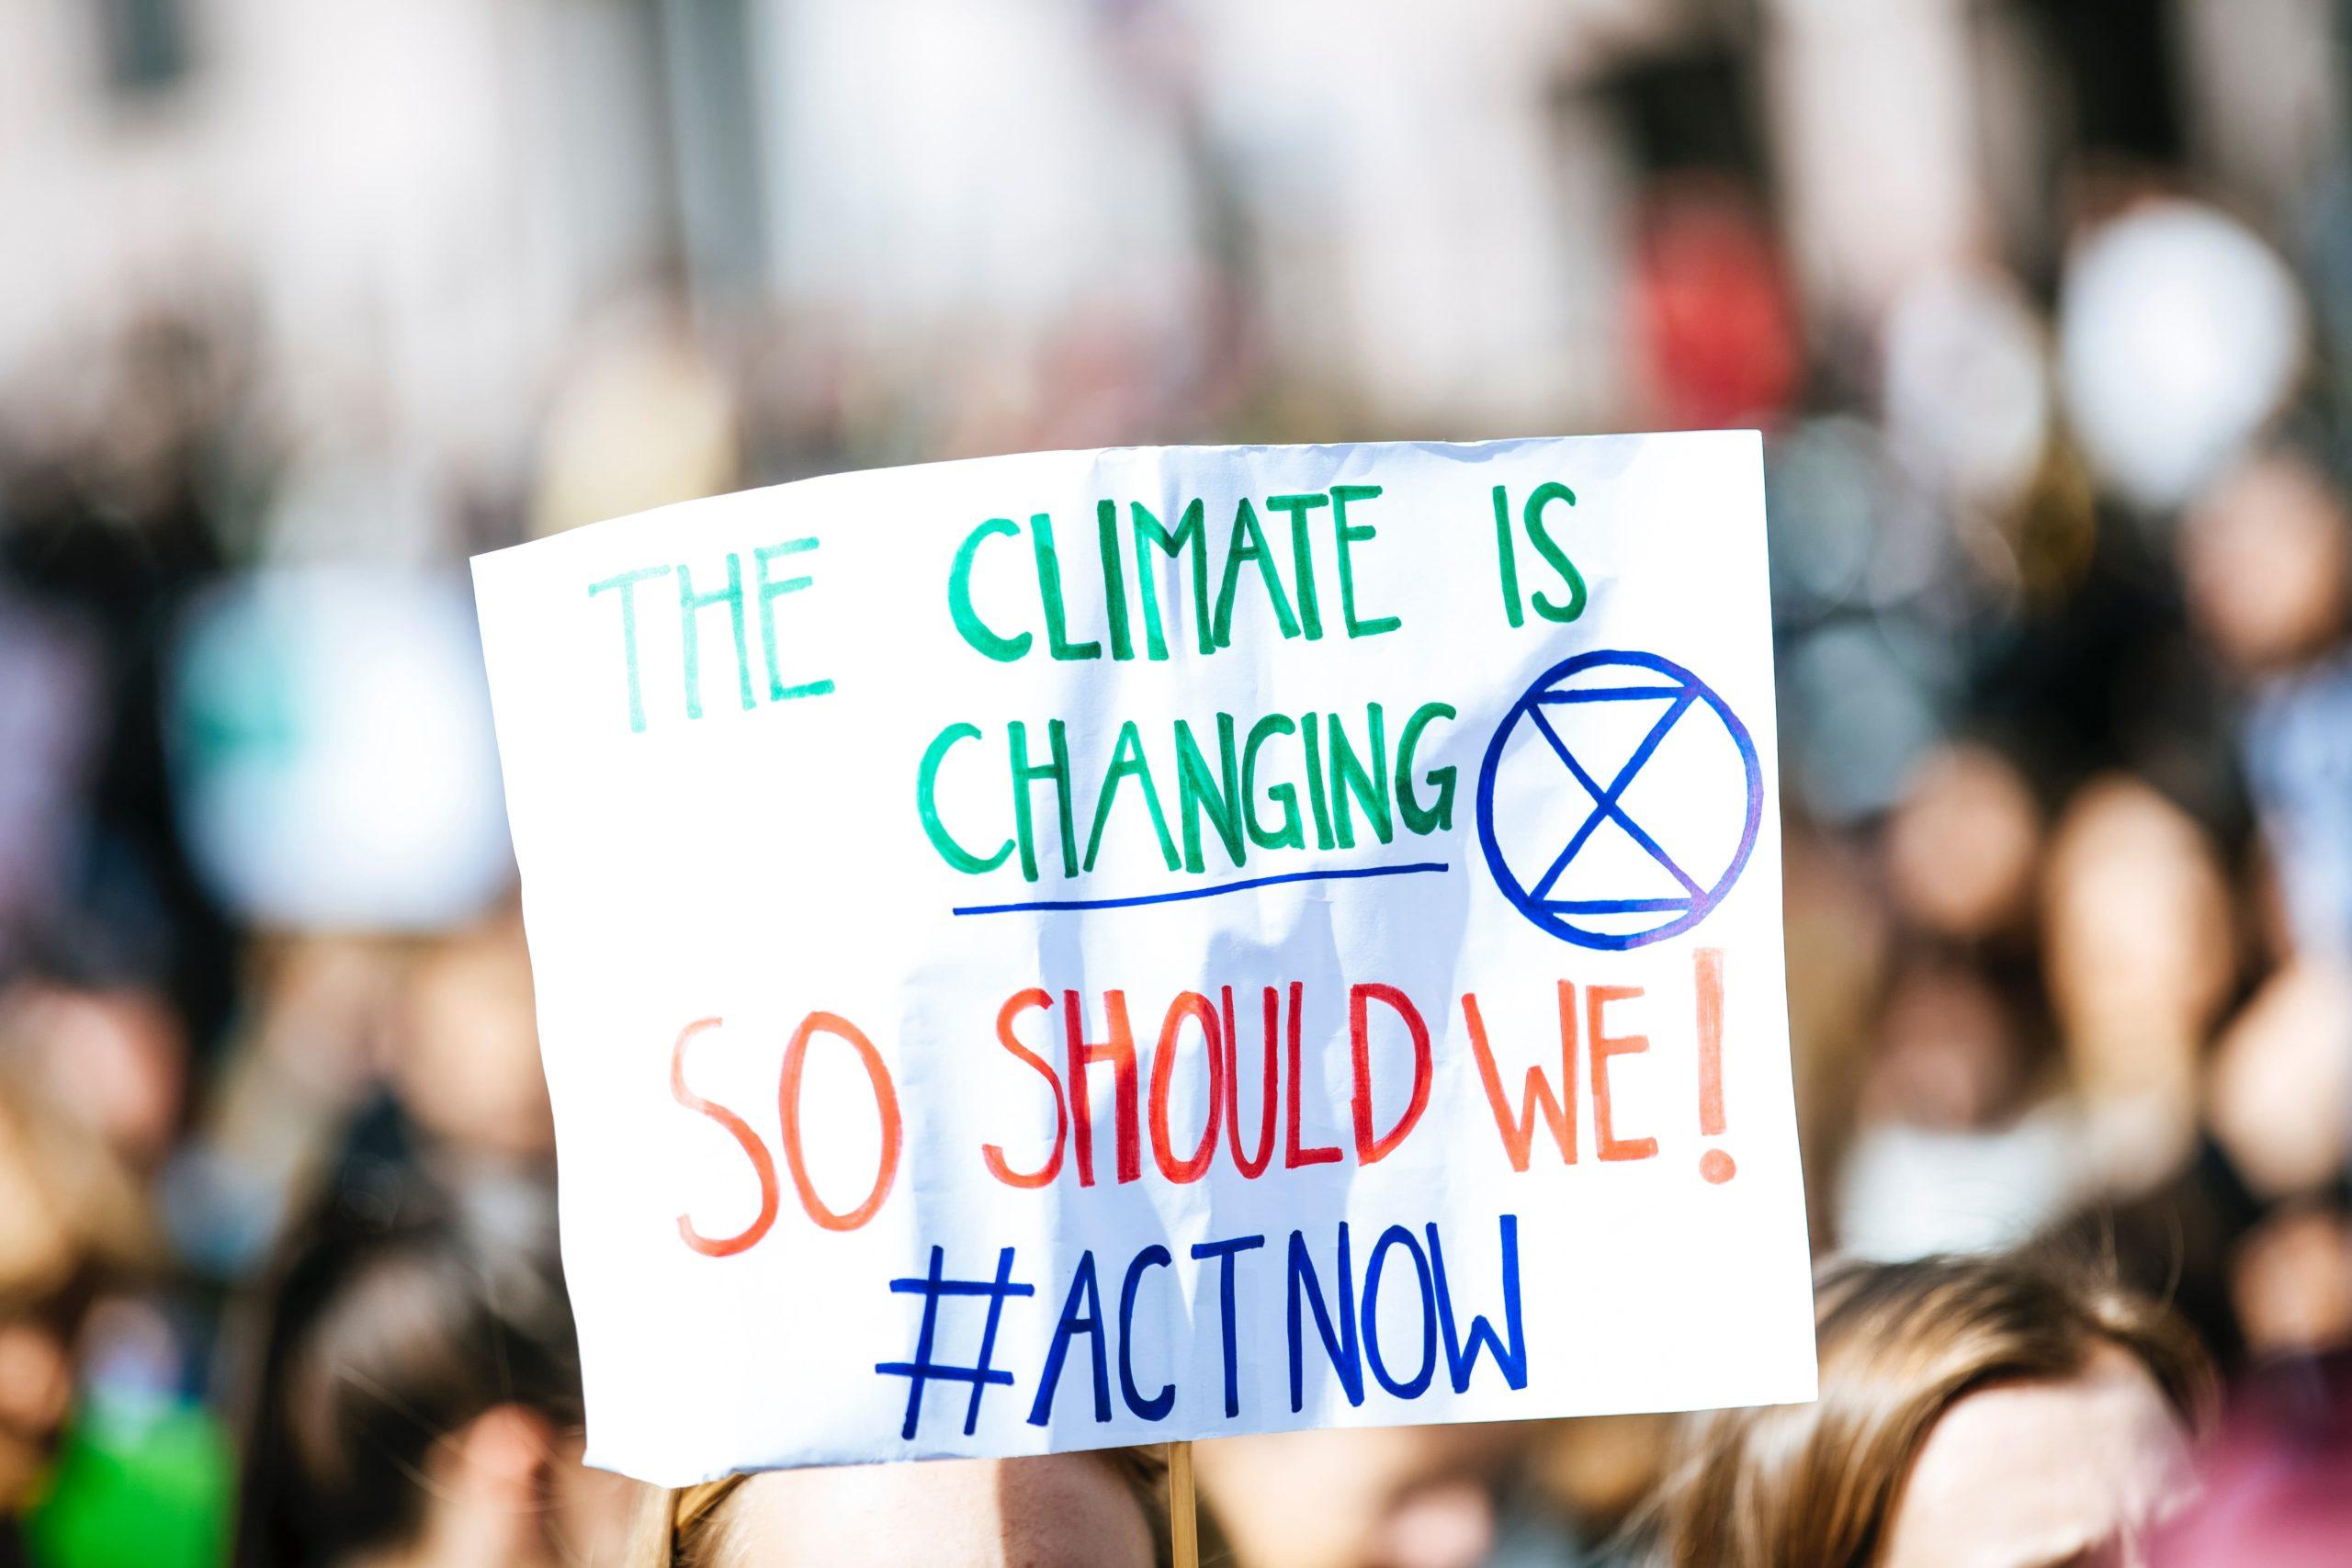 екологія клімат